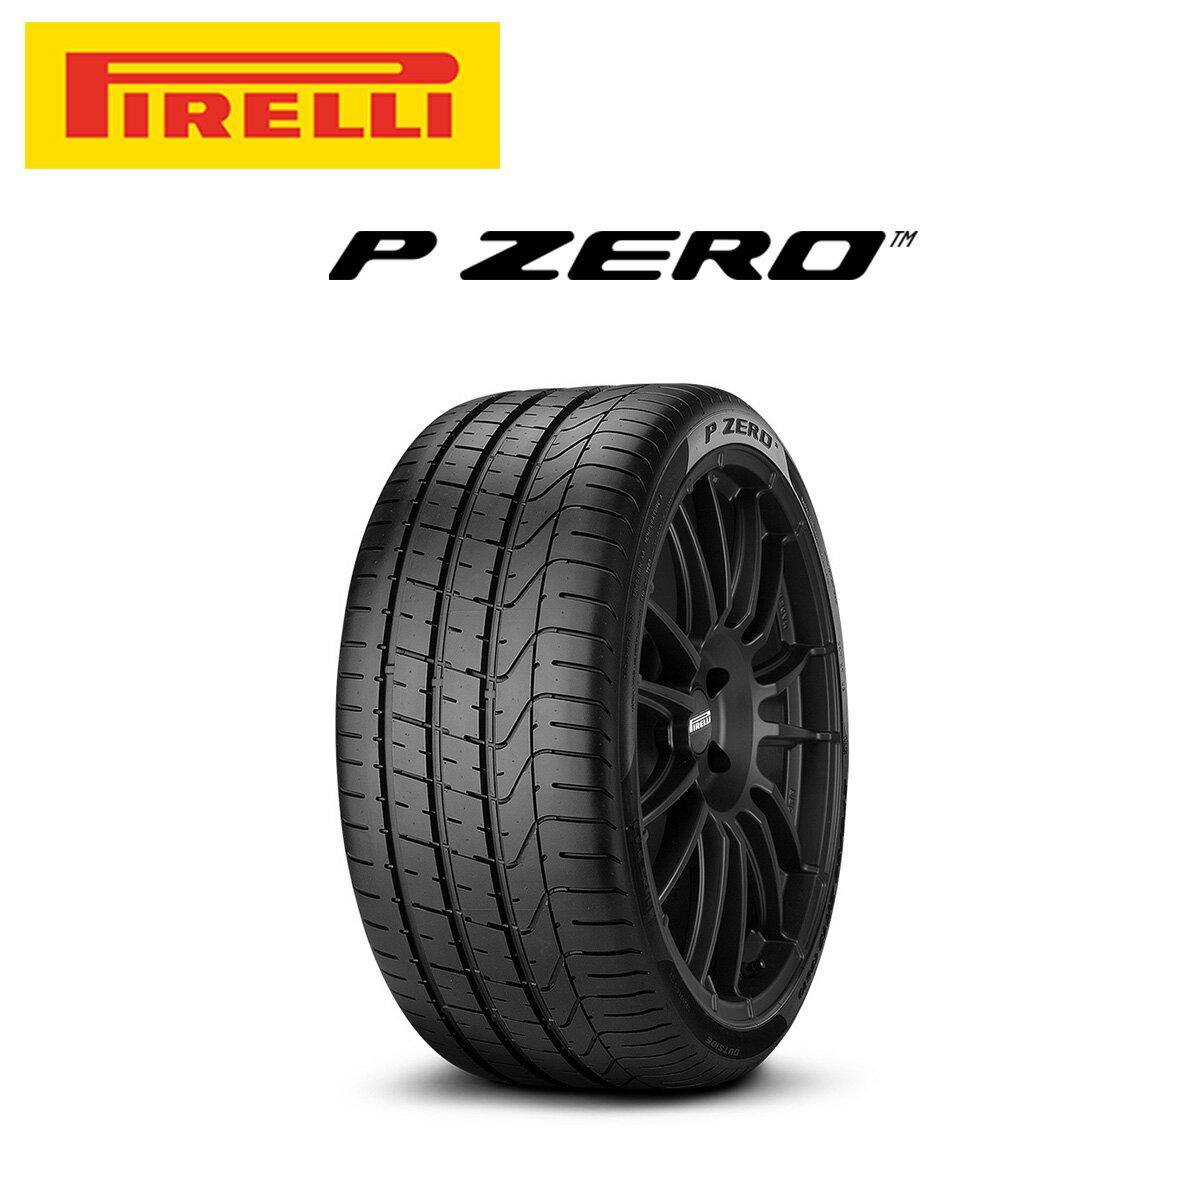 ピレリ PIRELLI P ZERO ピーゼロ 22インチ サマー タイヤ 4本 セット 285/40R22 106Y MO:メルセデスベンツ承認タイヤ 2421700